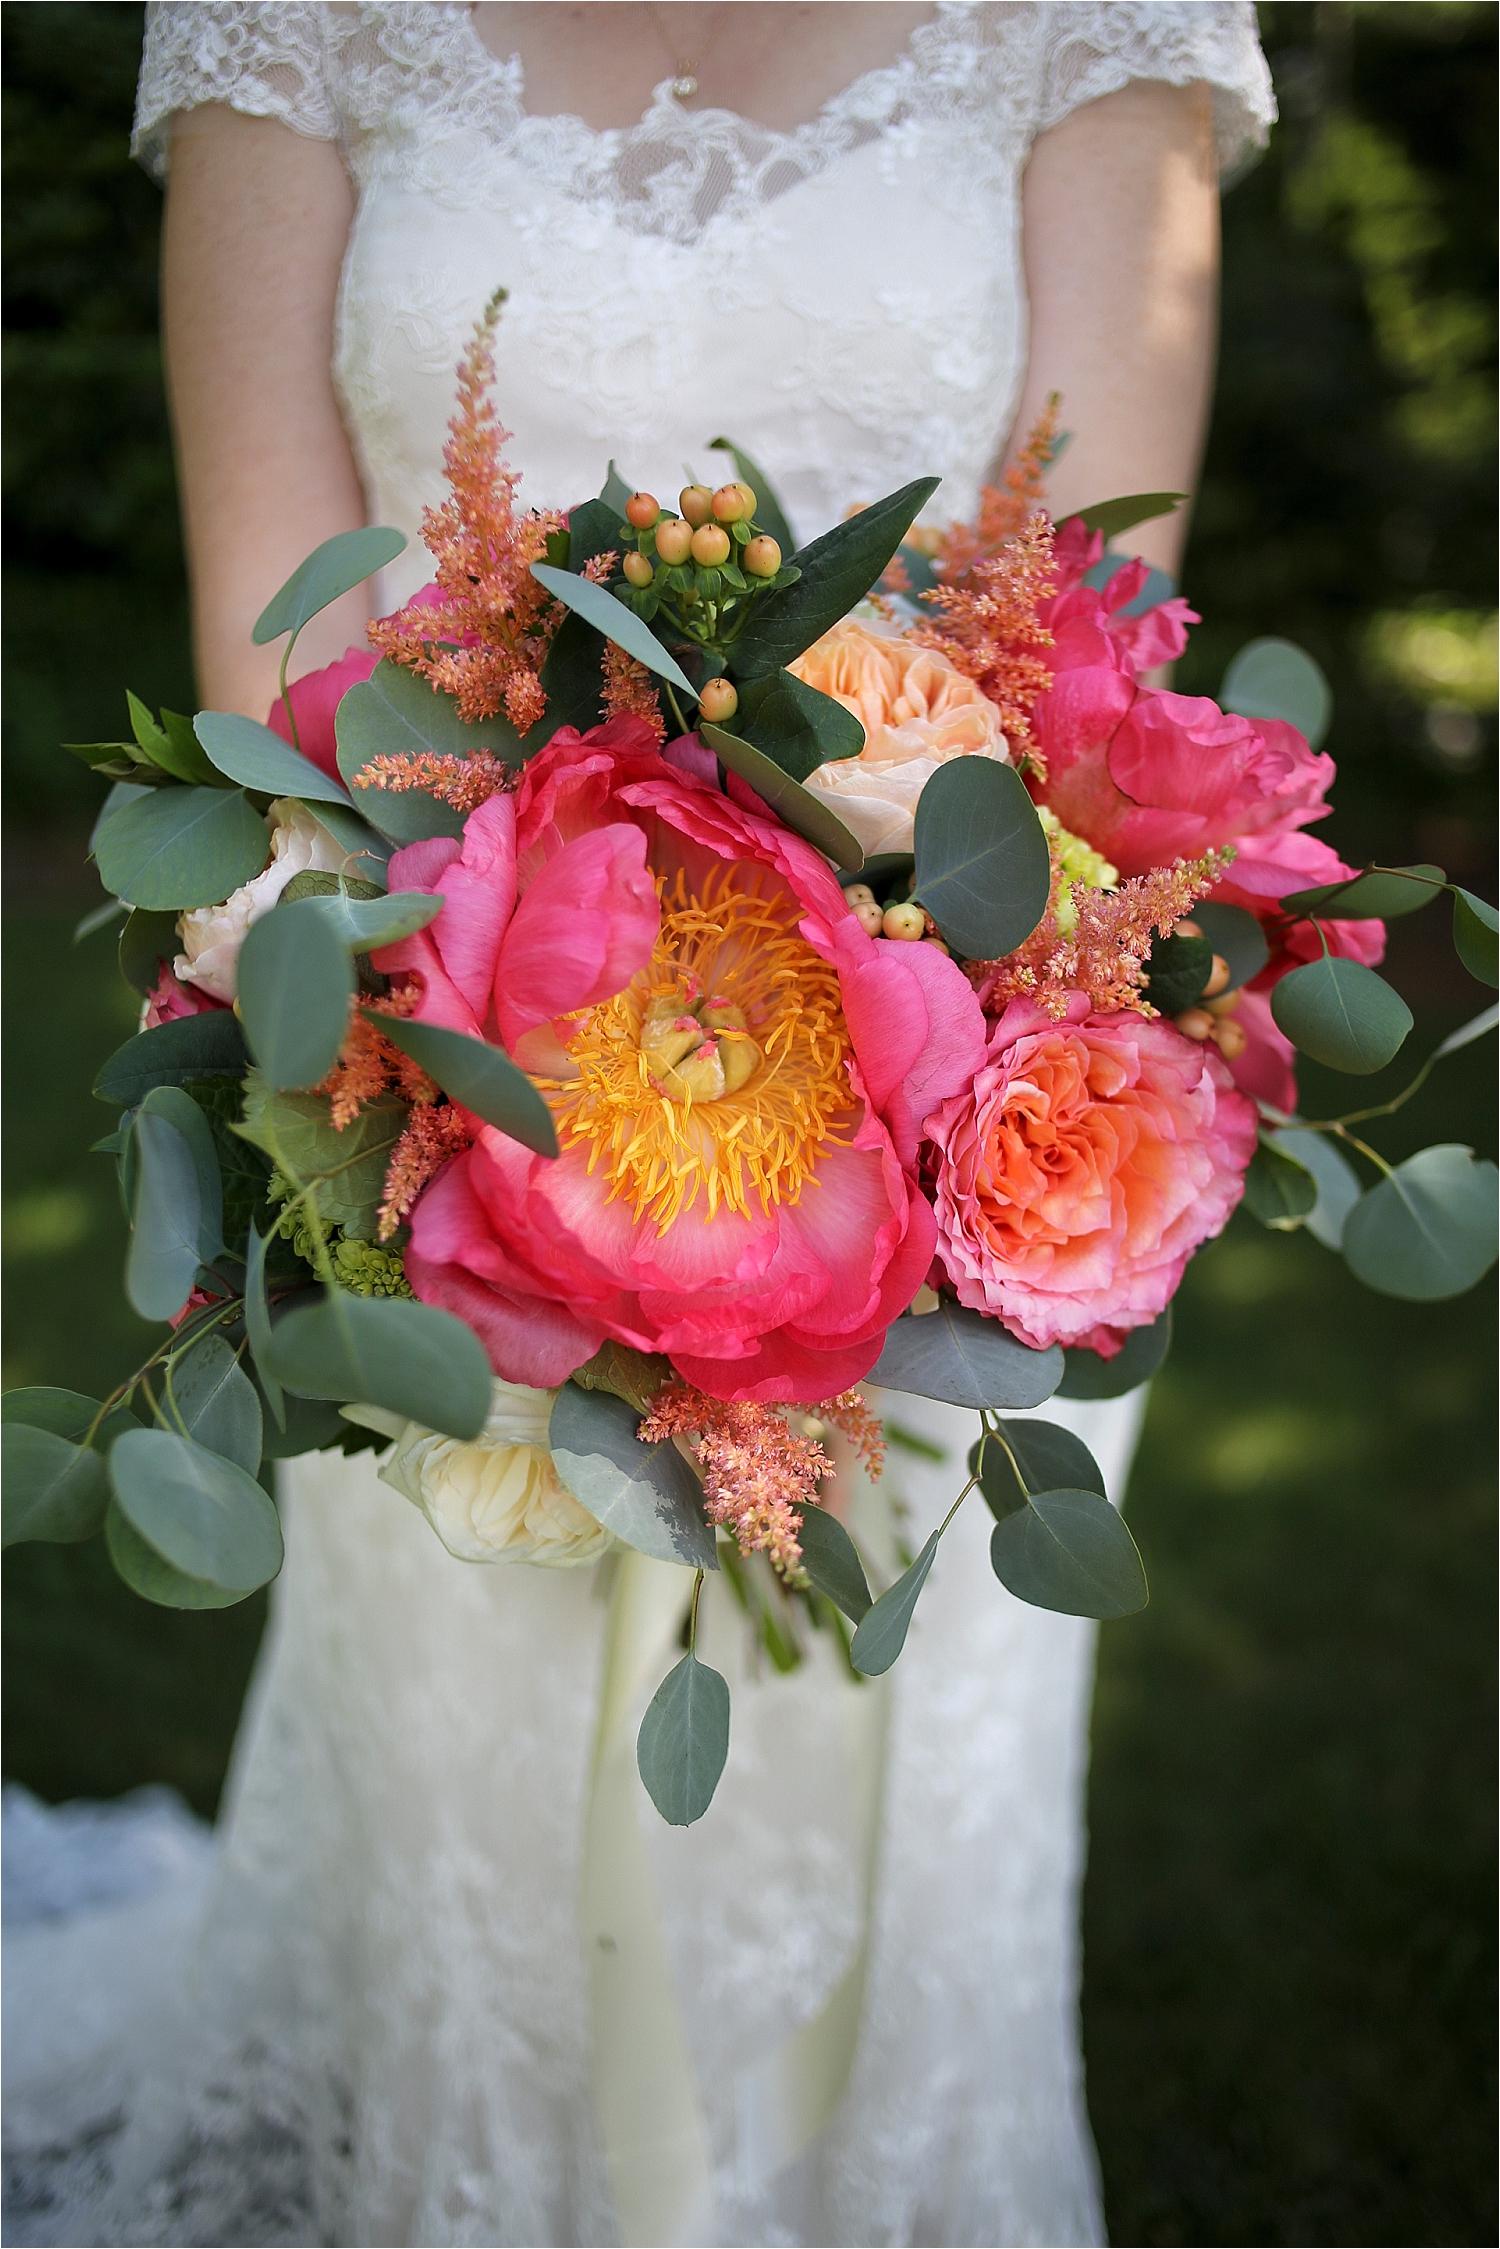 Chateau-Morrisette-Winery-Vineyard-Virginia-Wedding-Photos-_0019.jpg